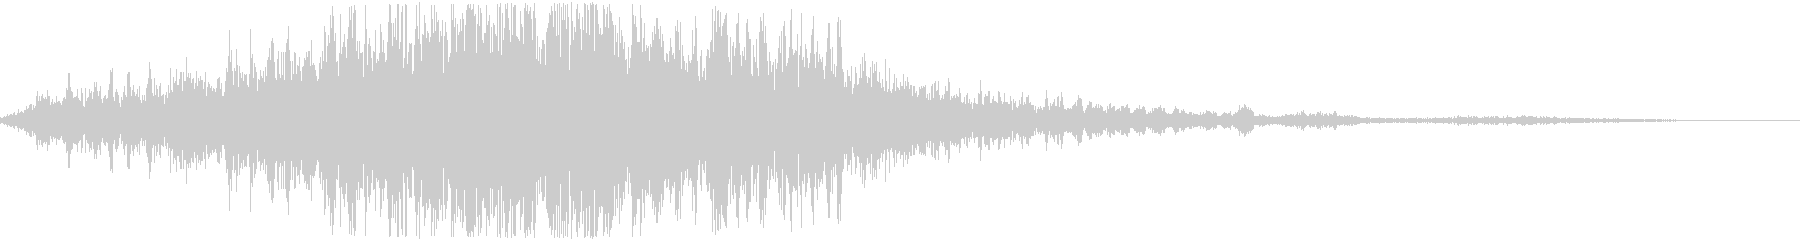 タイトルロゴに合うサウンド_05の未再生の波形